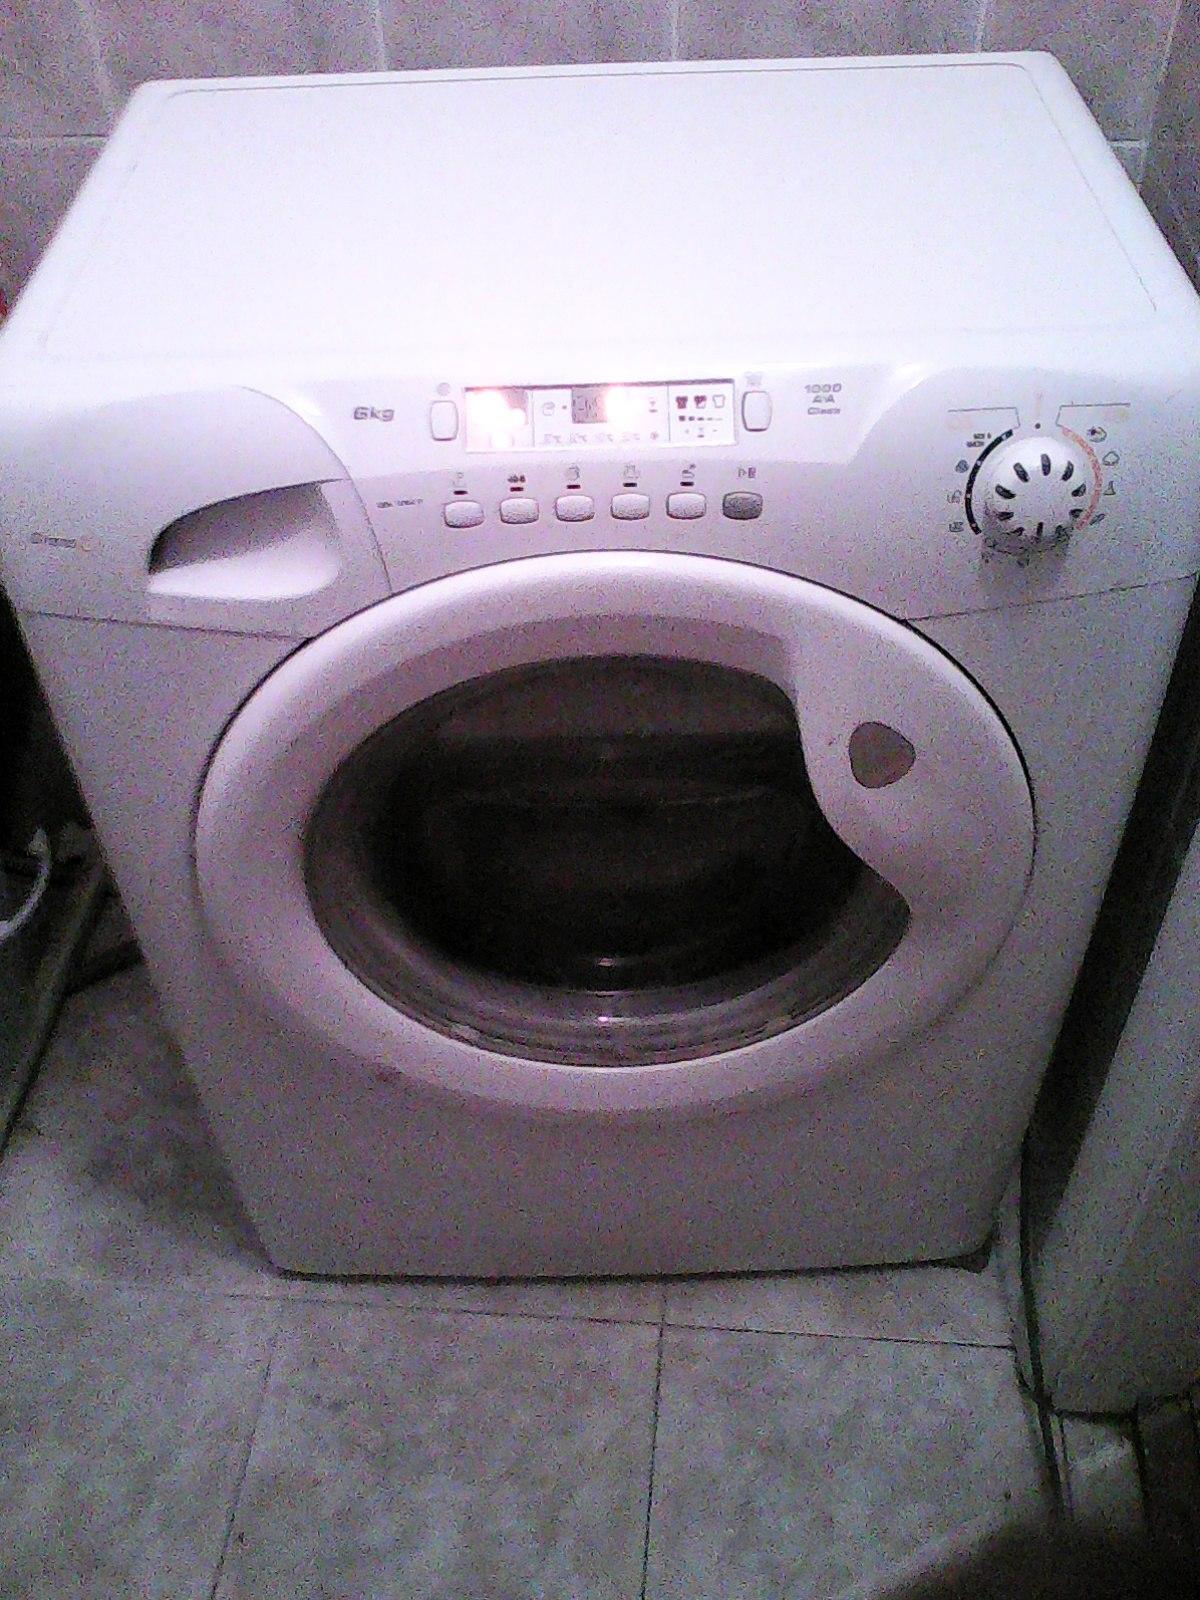 Автоматическая стиральная машина Candy G04 1064 D